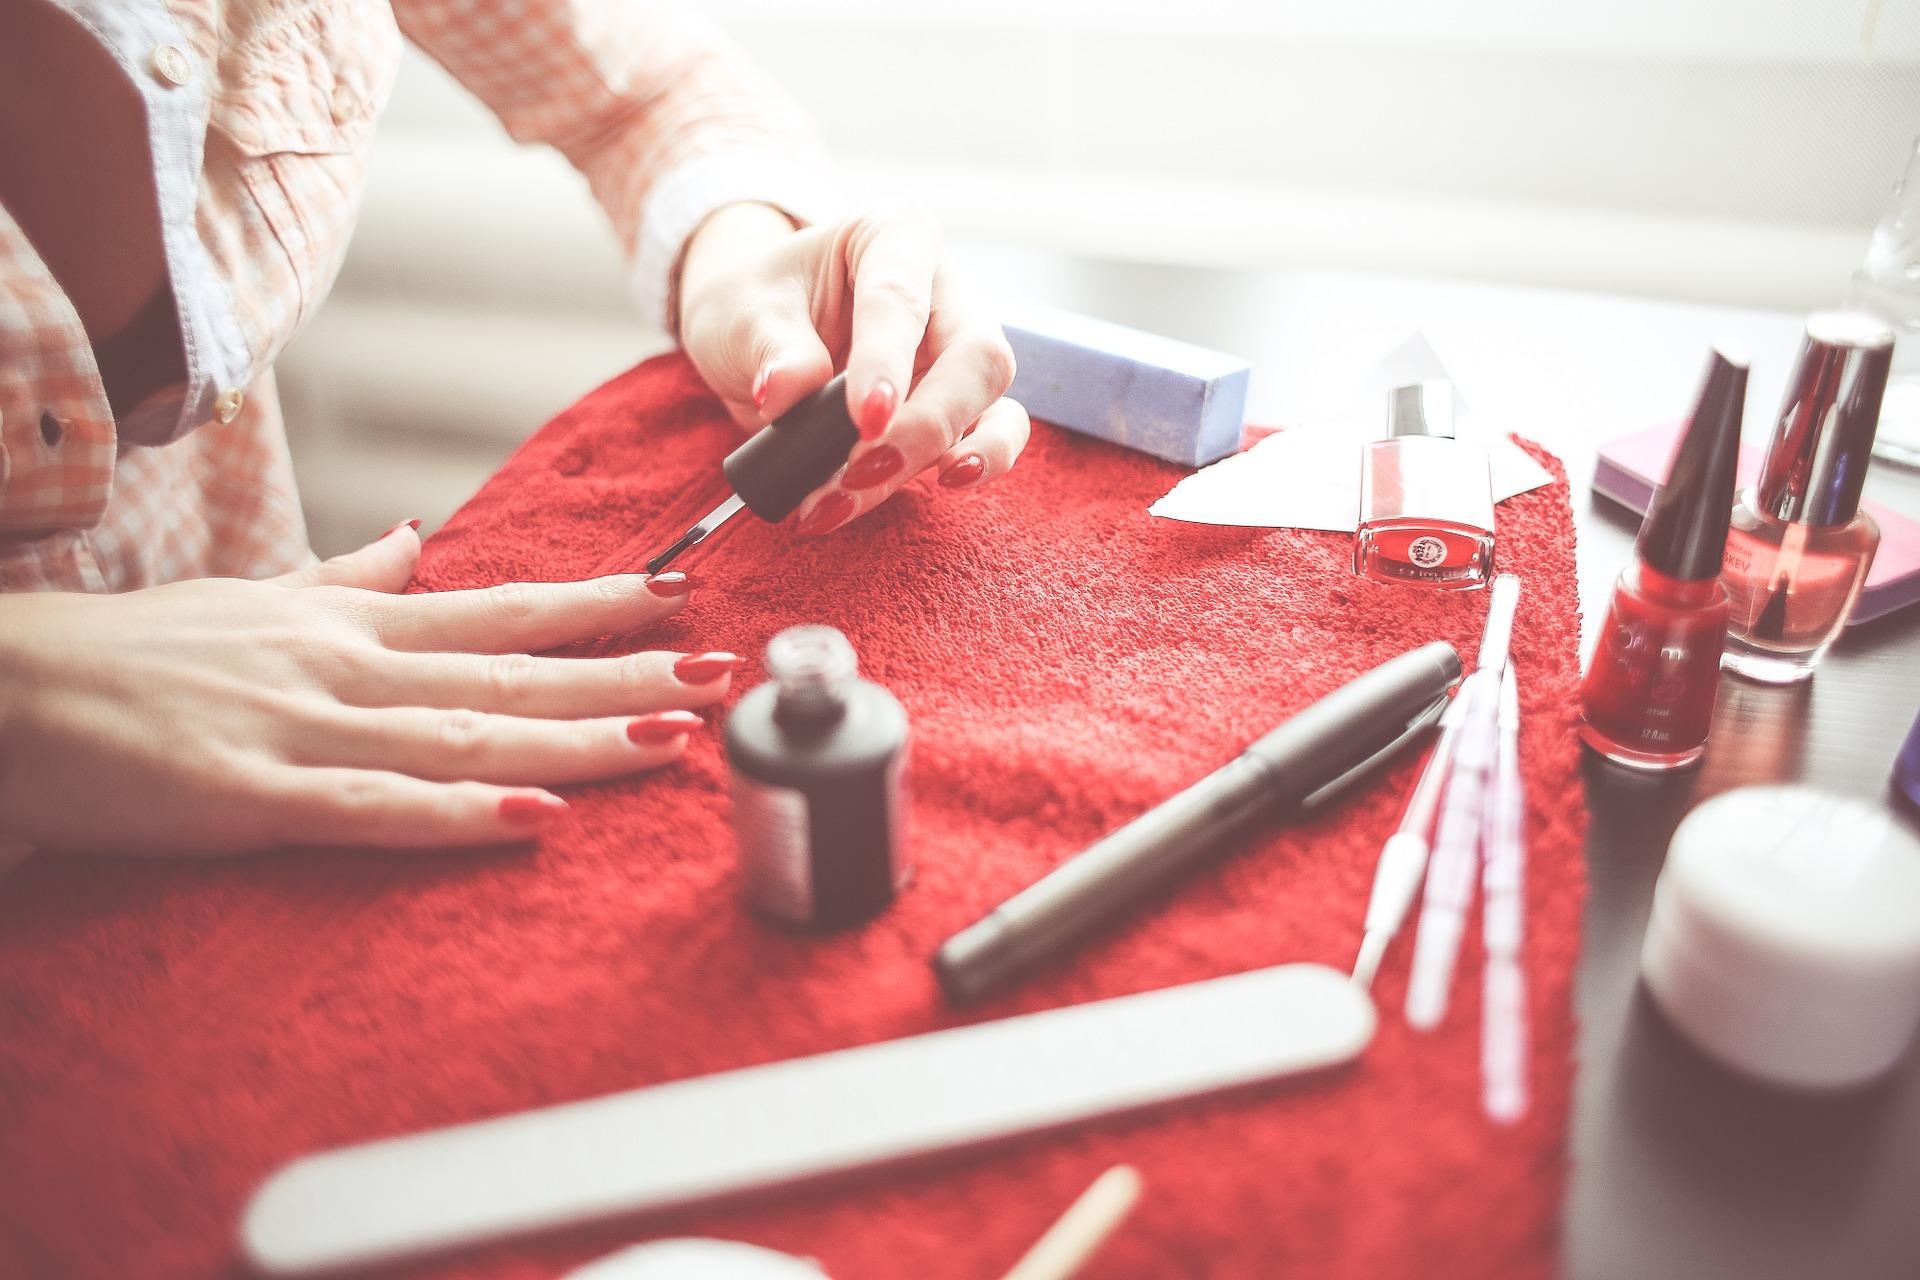 Goed verzorgde nagels dragen bij aan een verzorgd uiterlijk.